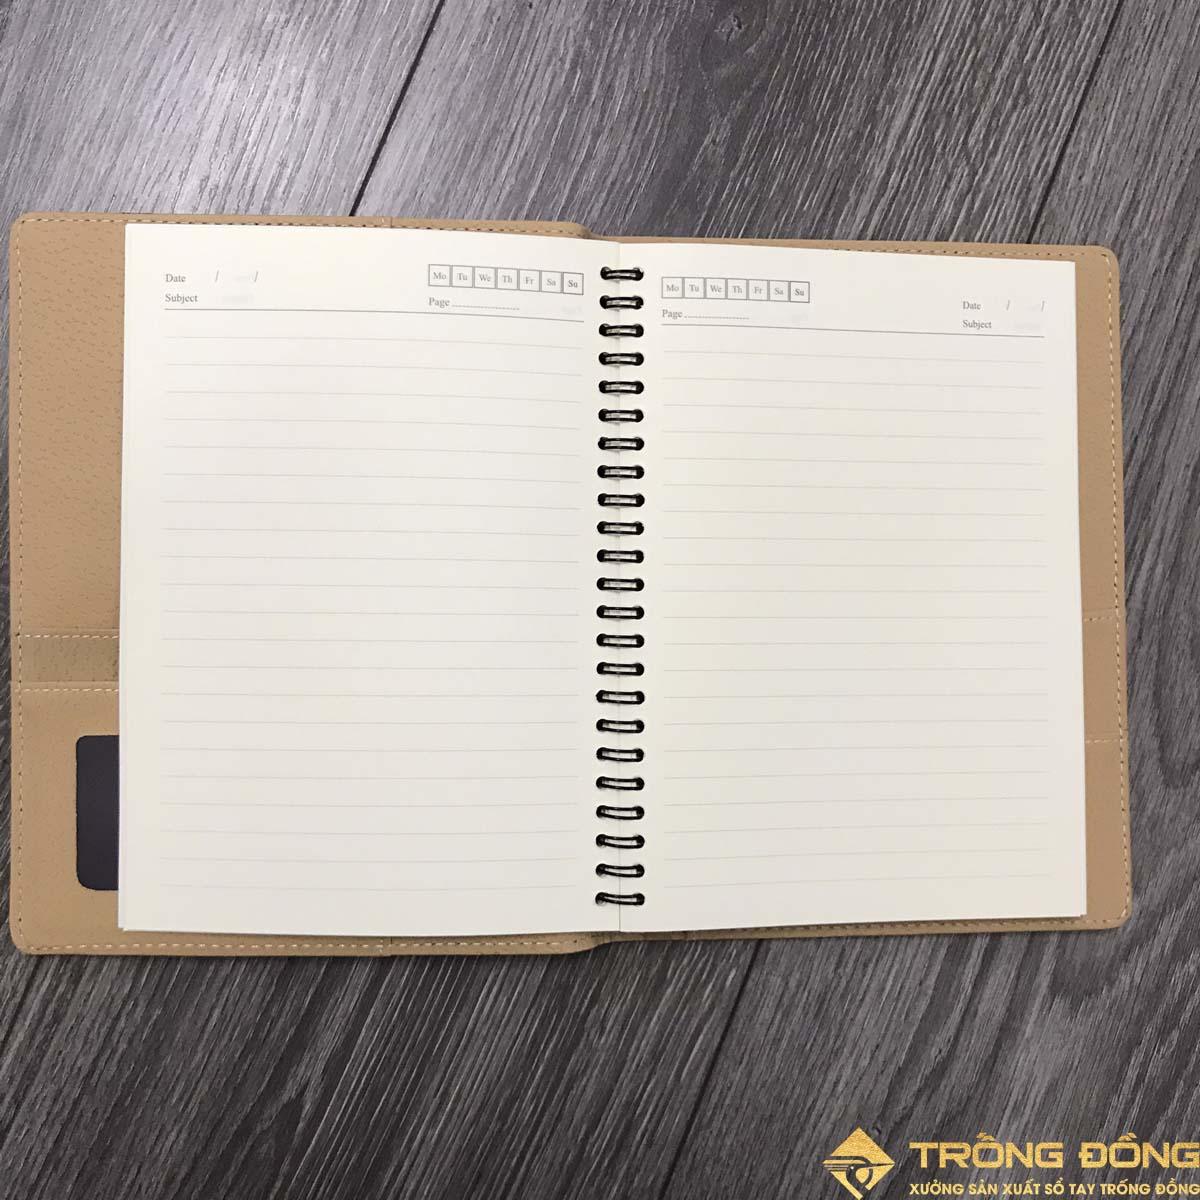 Phần ruột sổ của sổ tay lò xo móc SDTĐ 06